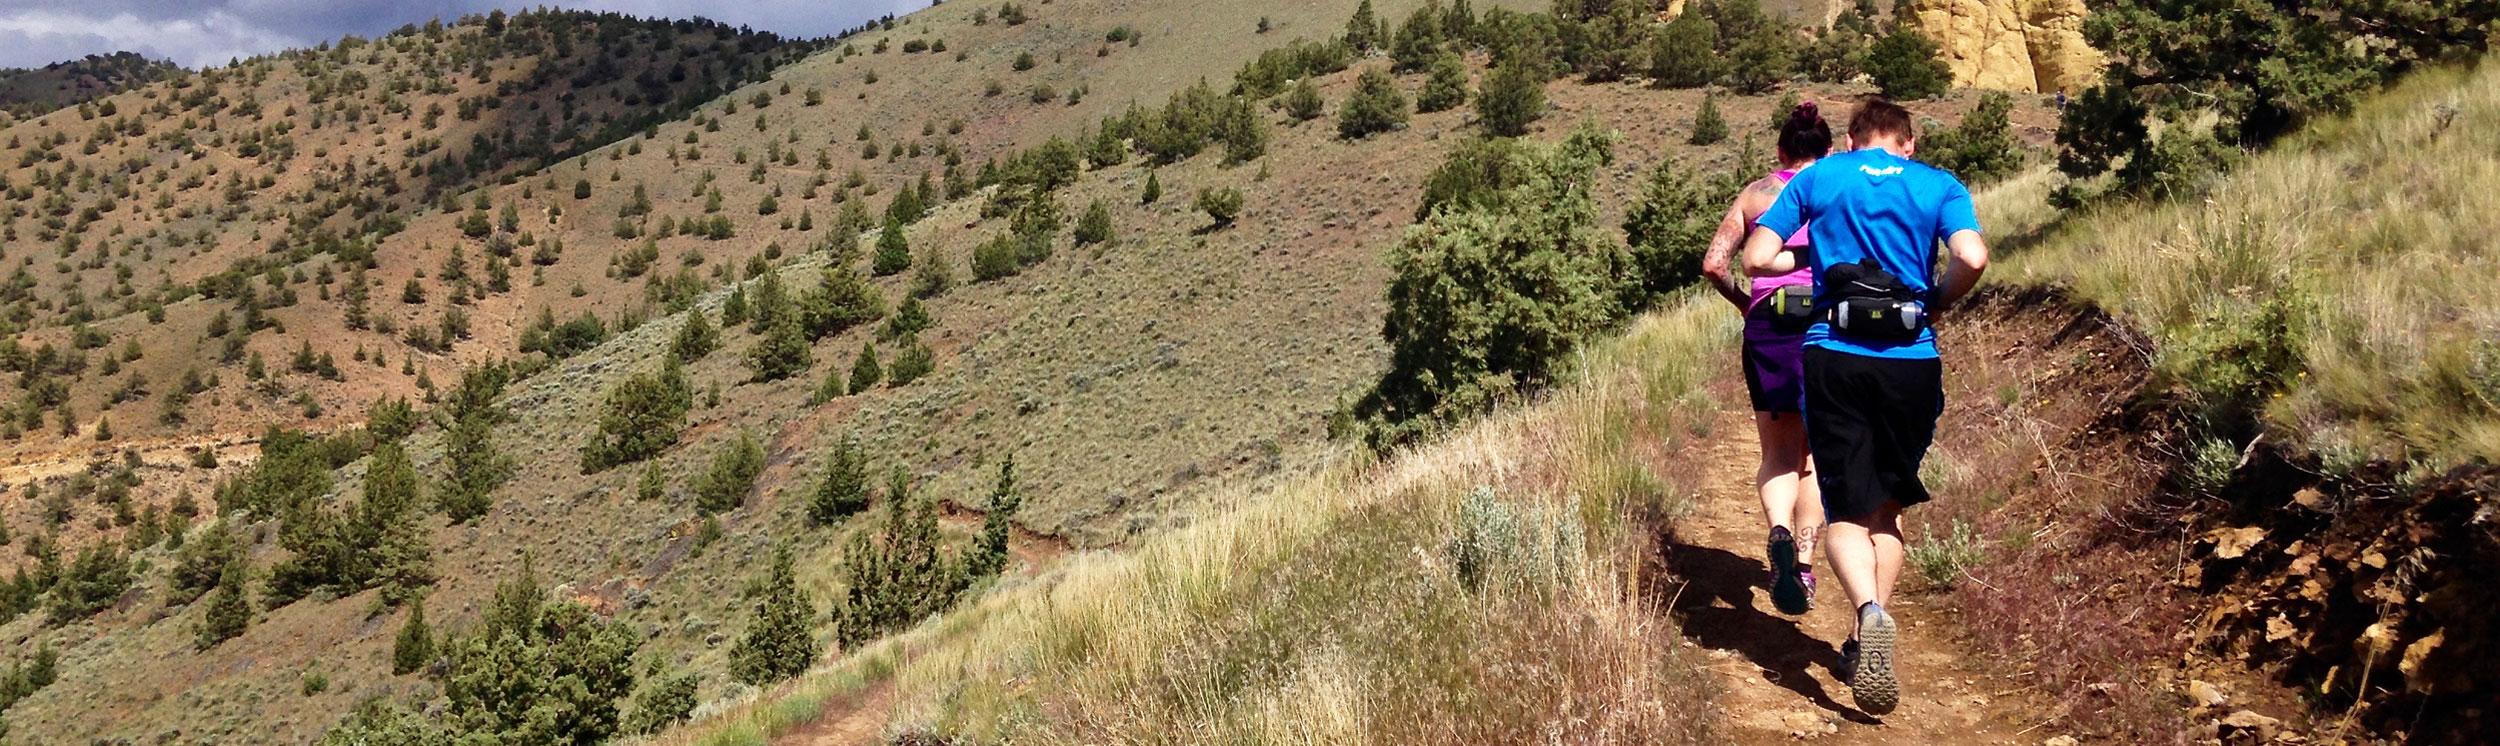 summit loop - trail run